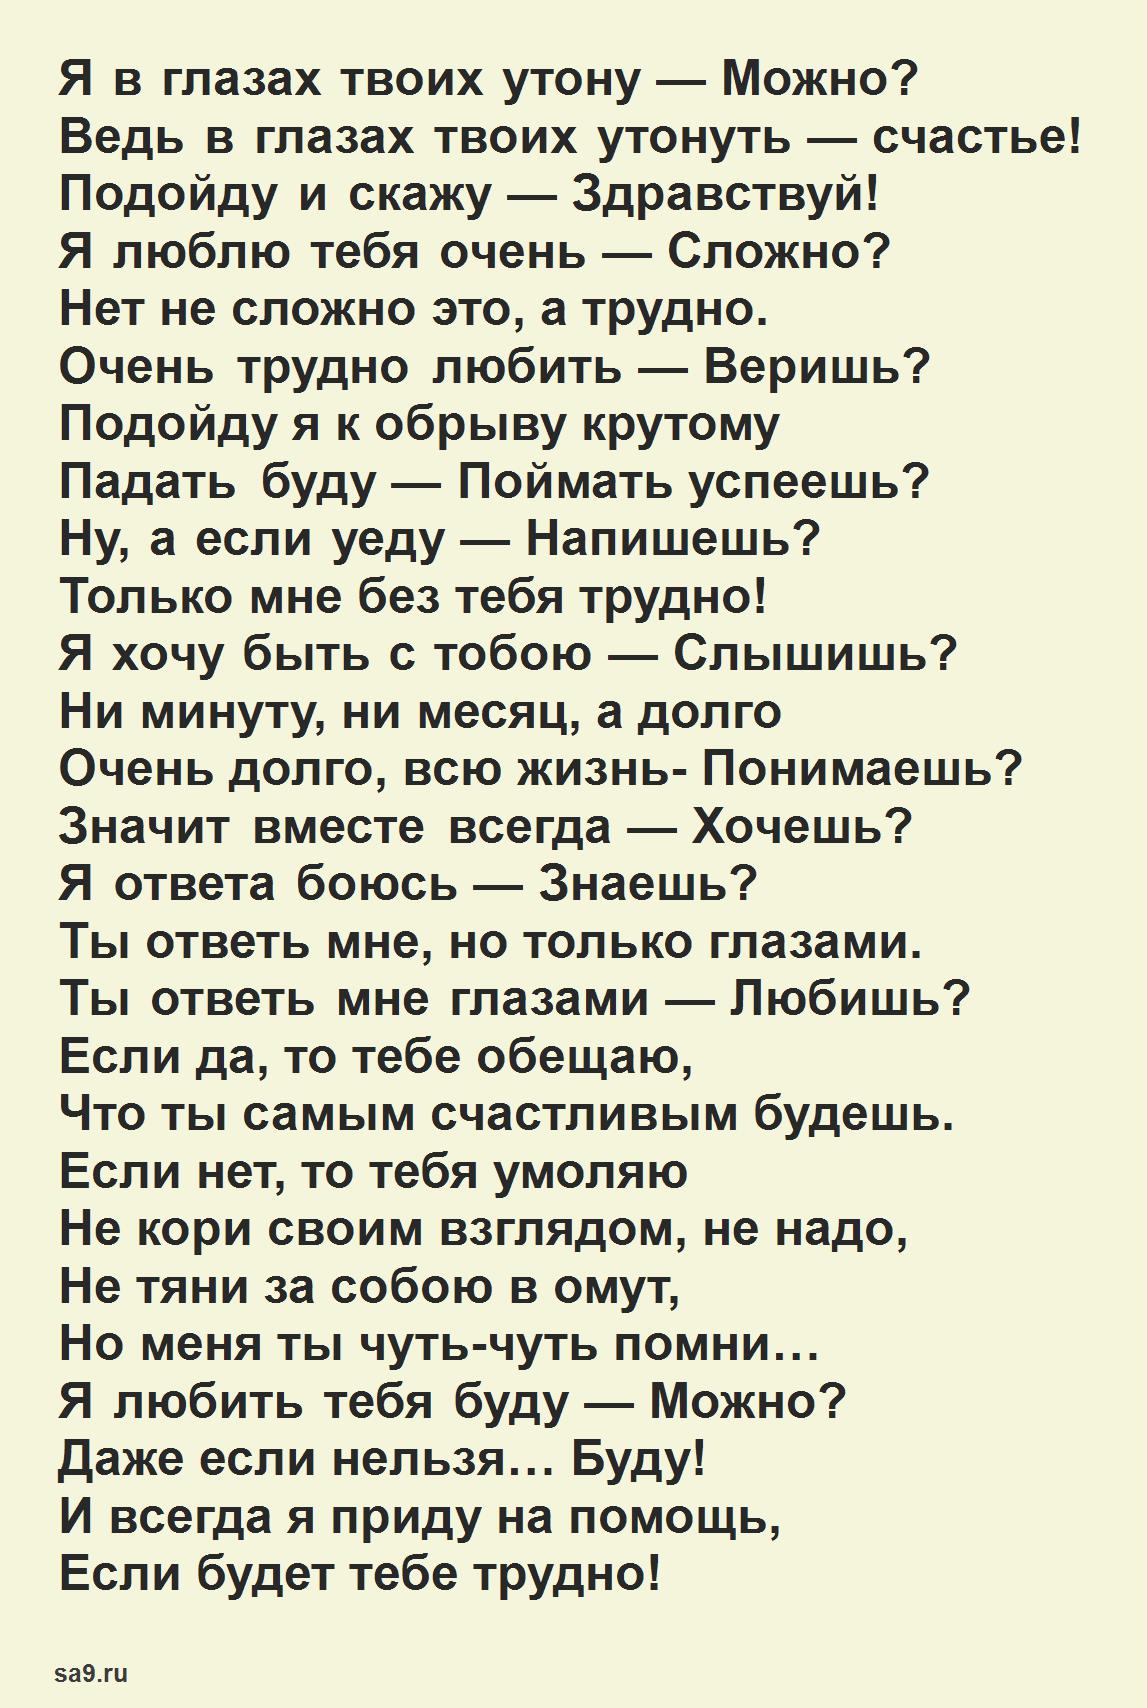 Читать самые лучшие стихи Асадова о любви - Я любить тебя буду, можно?